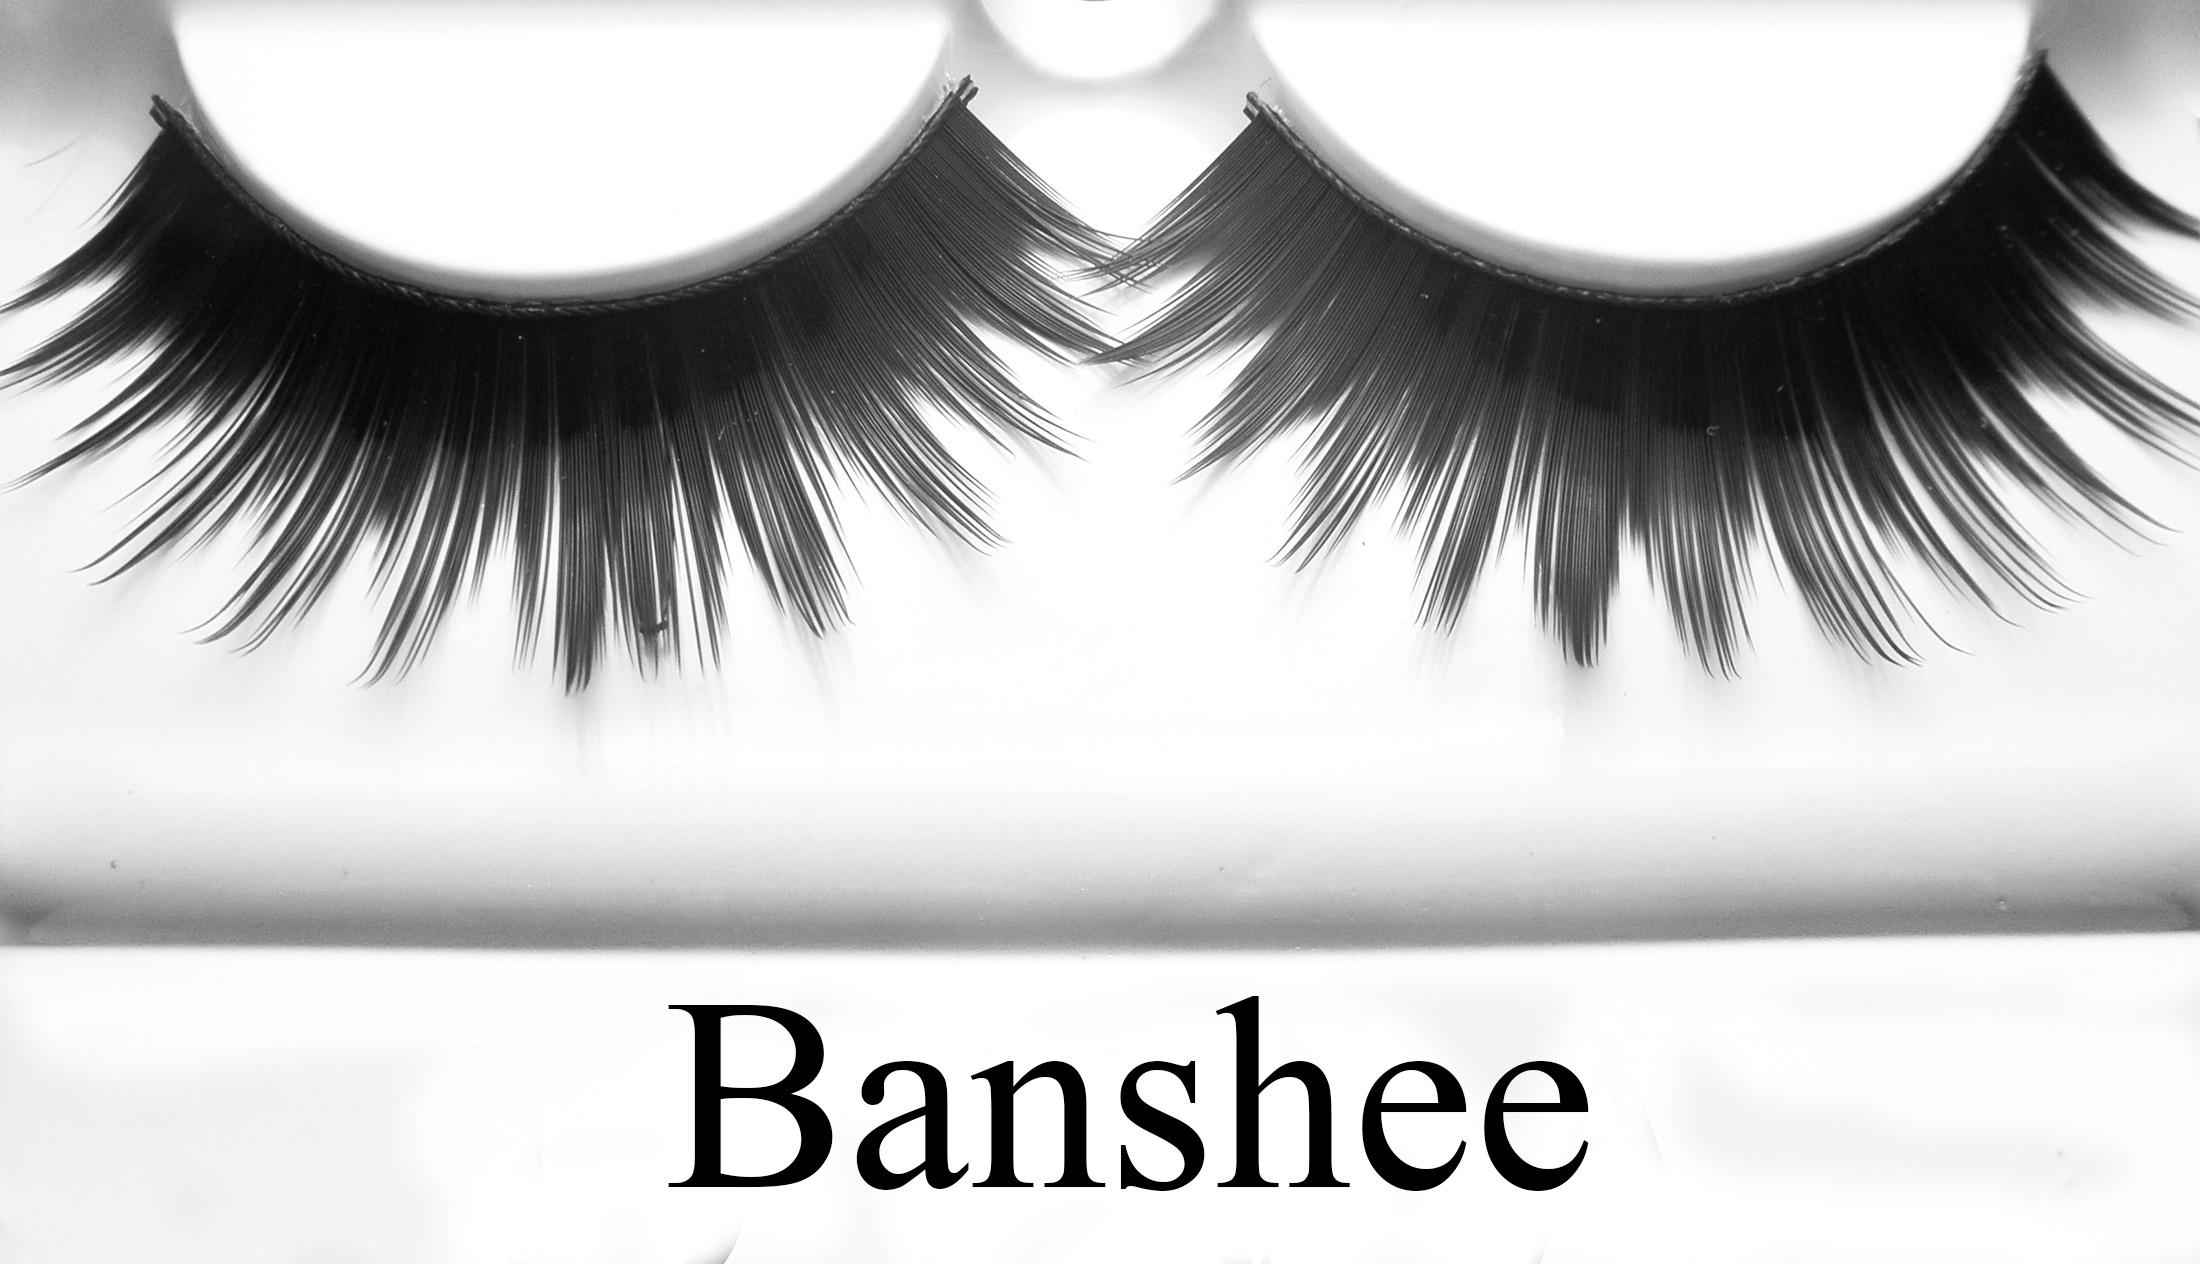 1Banshee